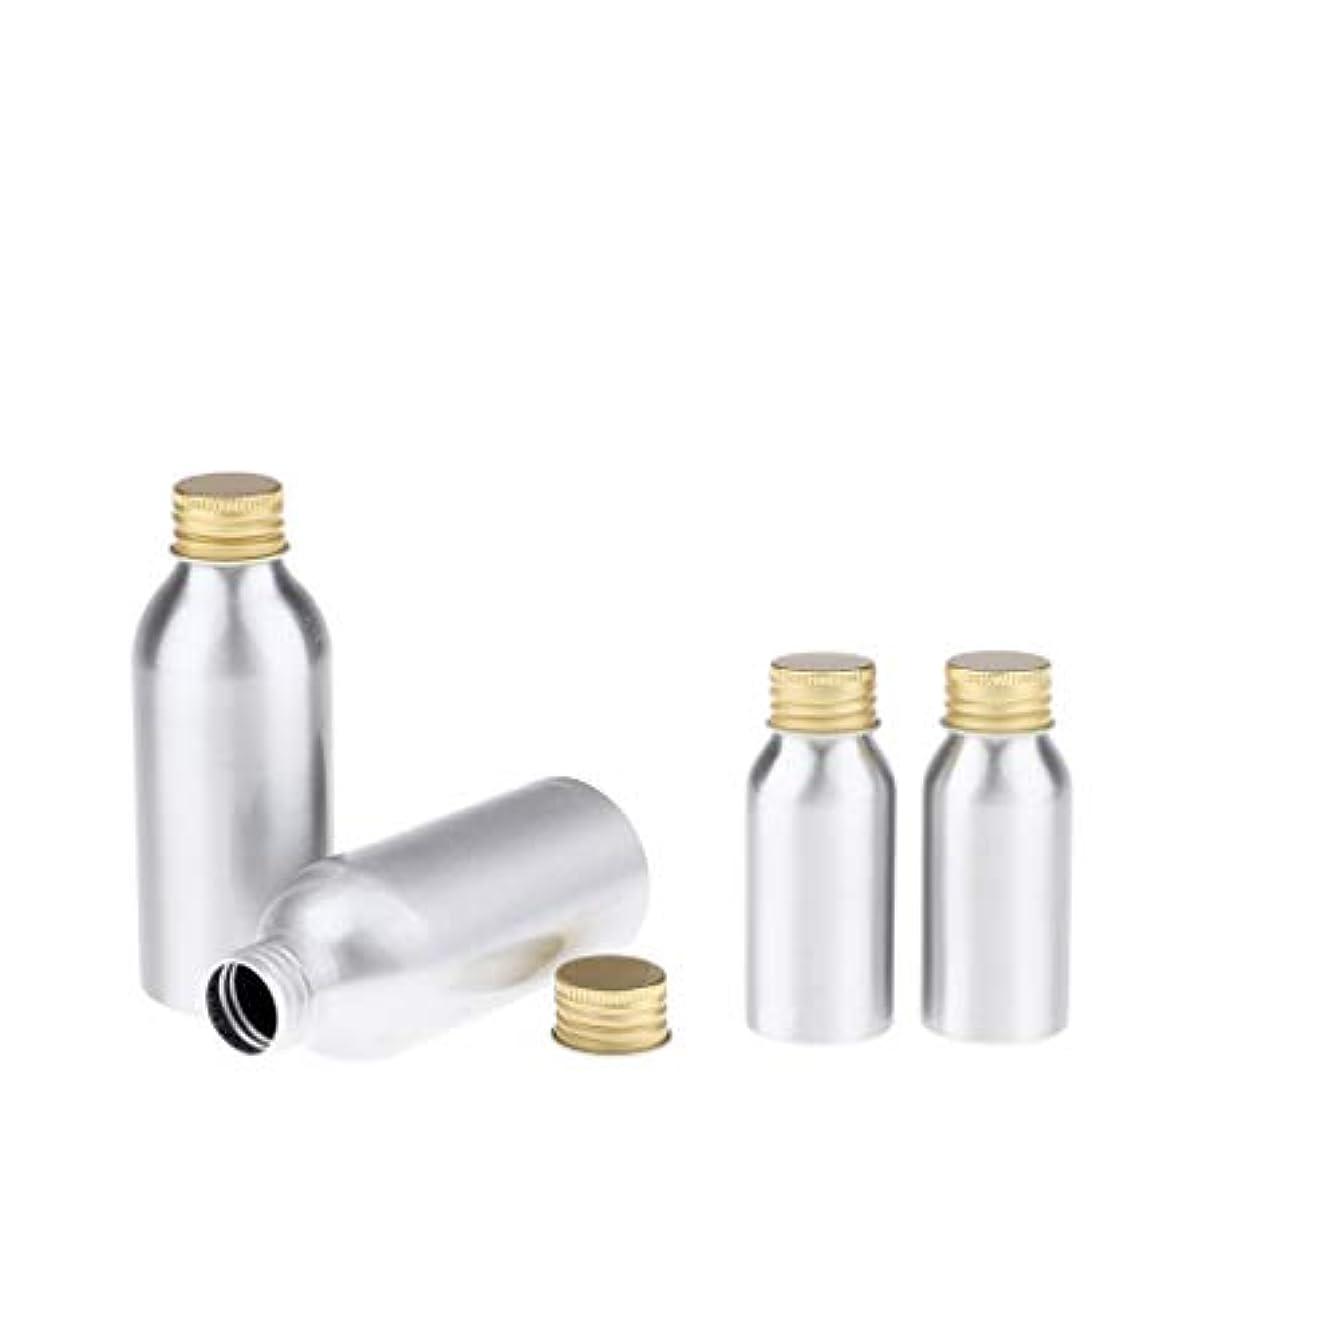 ハイランド申し立てる回るPerfeclan 全4点 アルミボトル 空のボトル 収納コンテナ 詰め替え容器